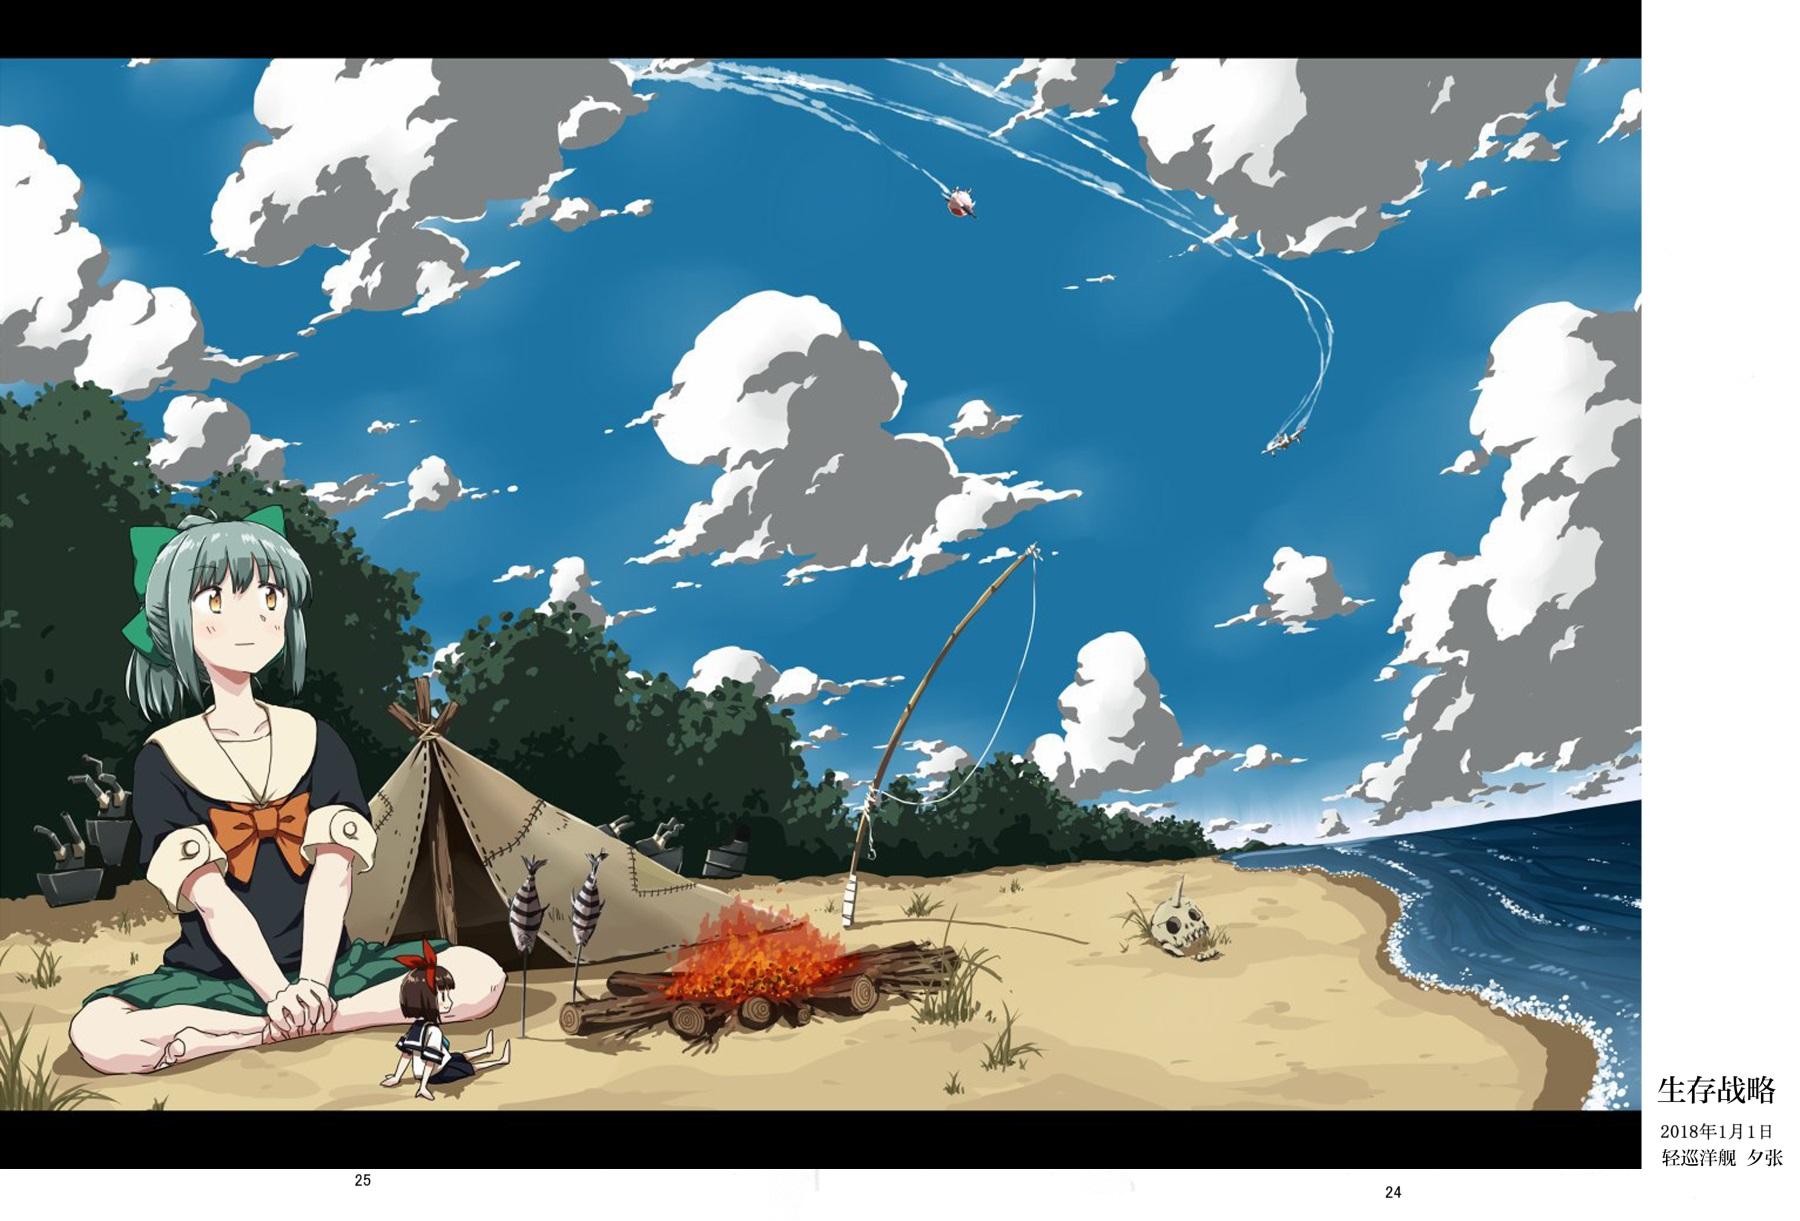 【猫岛汉化】Yubari's Survival Strategy